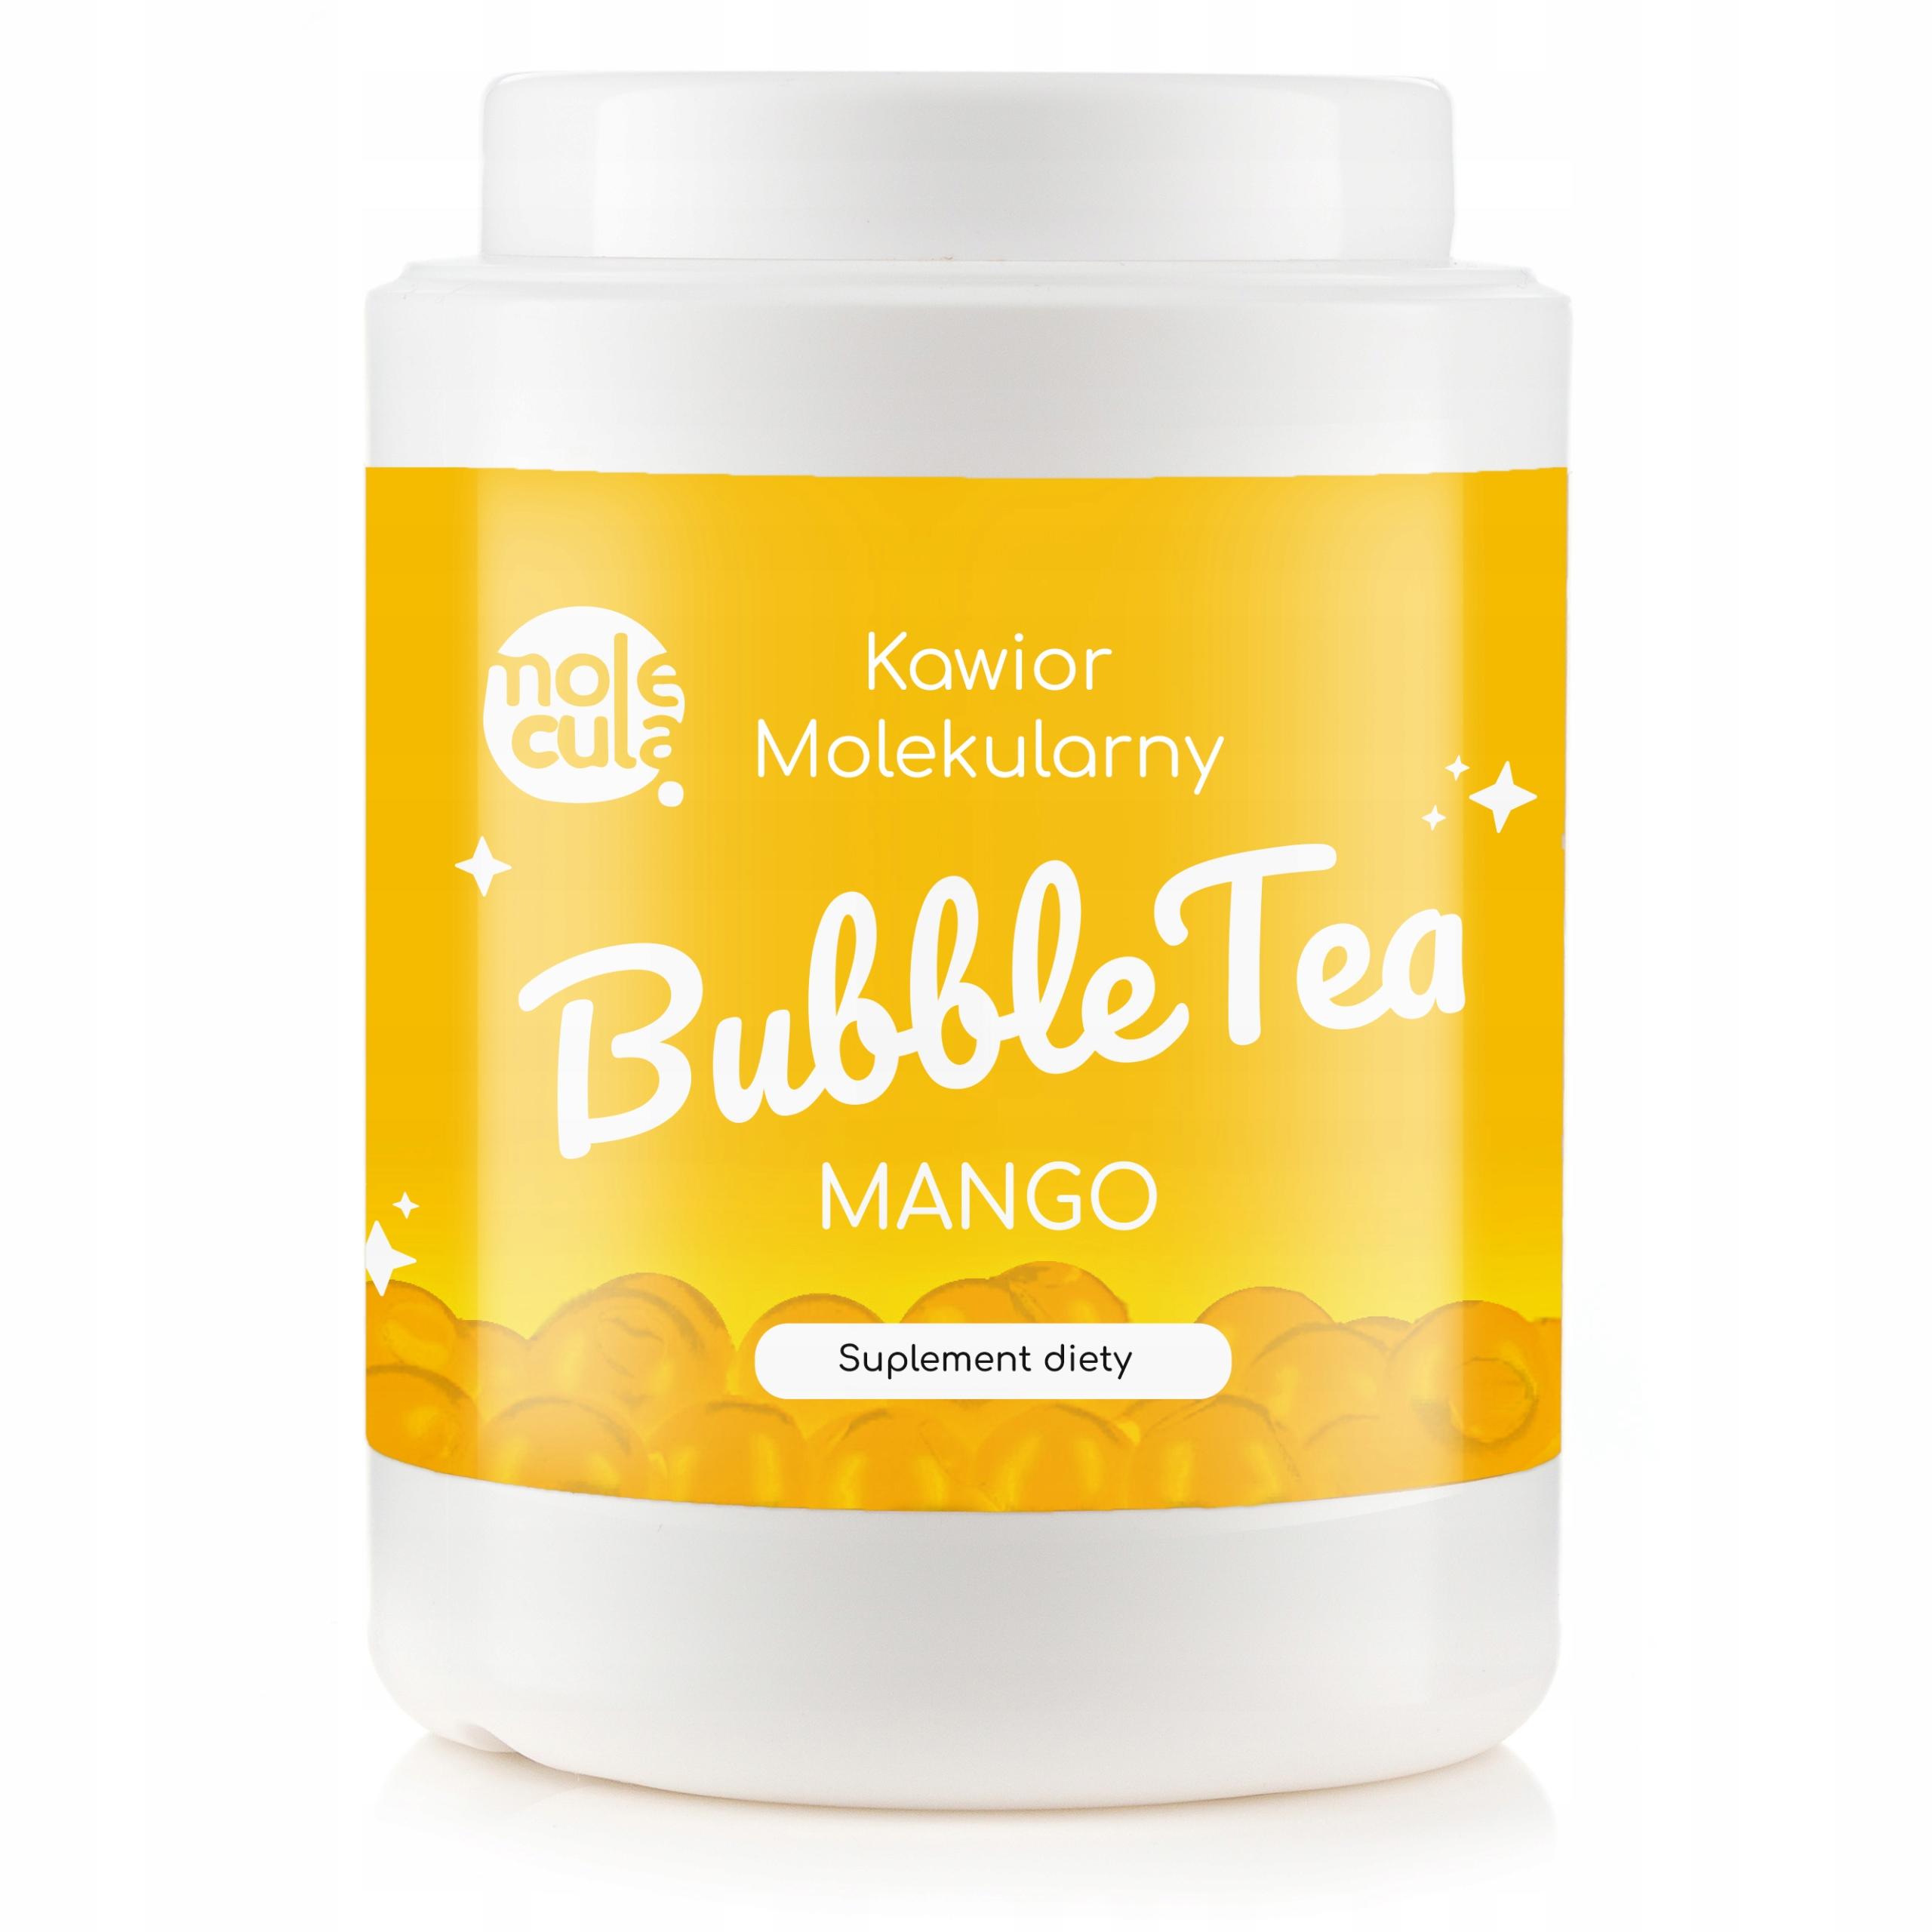 Пузырьковый чай BBs Molecular Caviar 2 кг манго